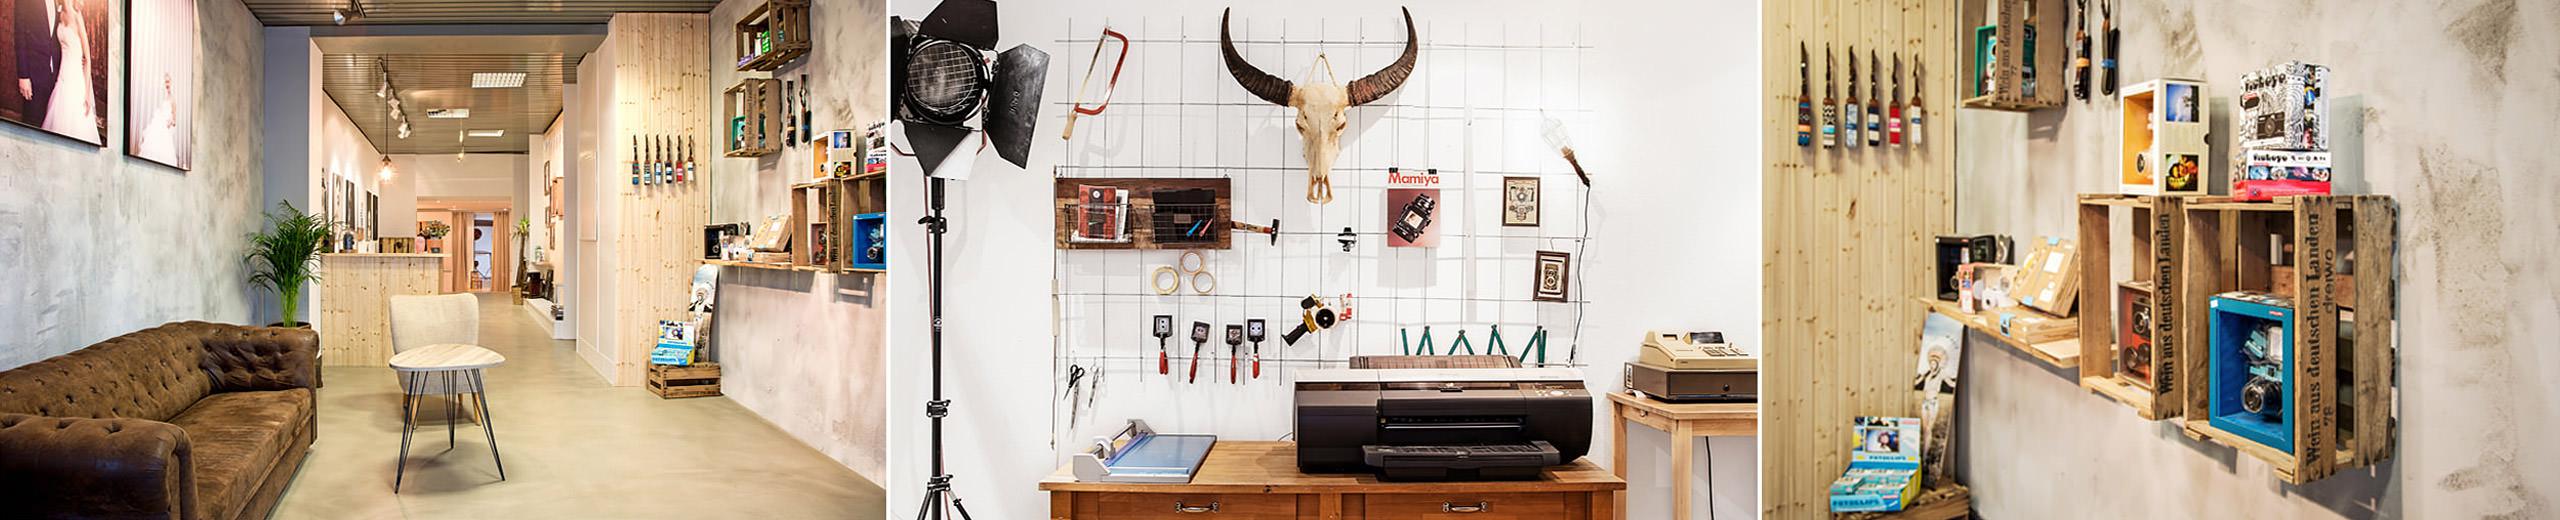 Das Fotostudio in Mannheim für jede Art von Fotoshooting.